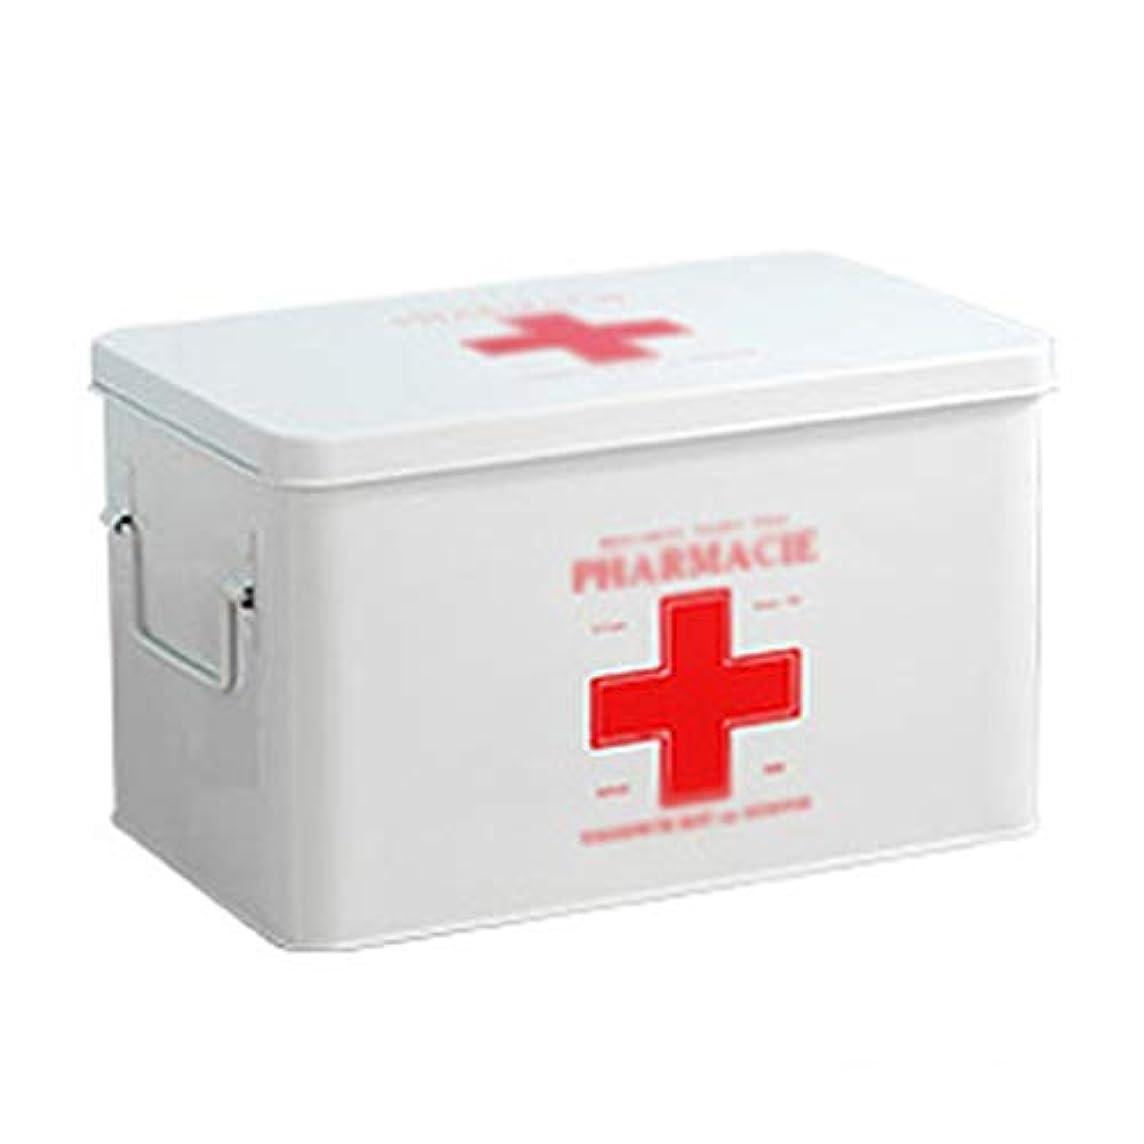 約設定の前で反論ショルダーストラップポータブル付きの医療箱収納ボックス。家族向け厚くされた高温耐性アルミニウム合金材料-シルバー